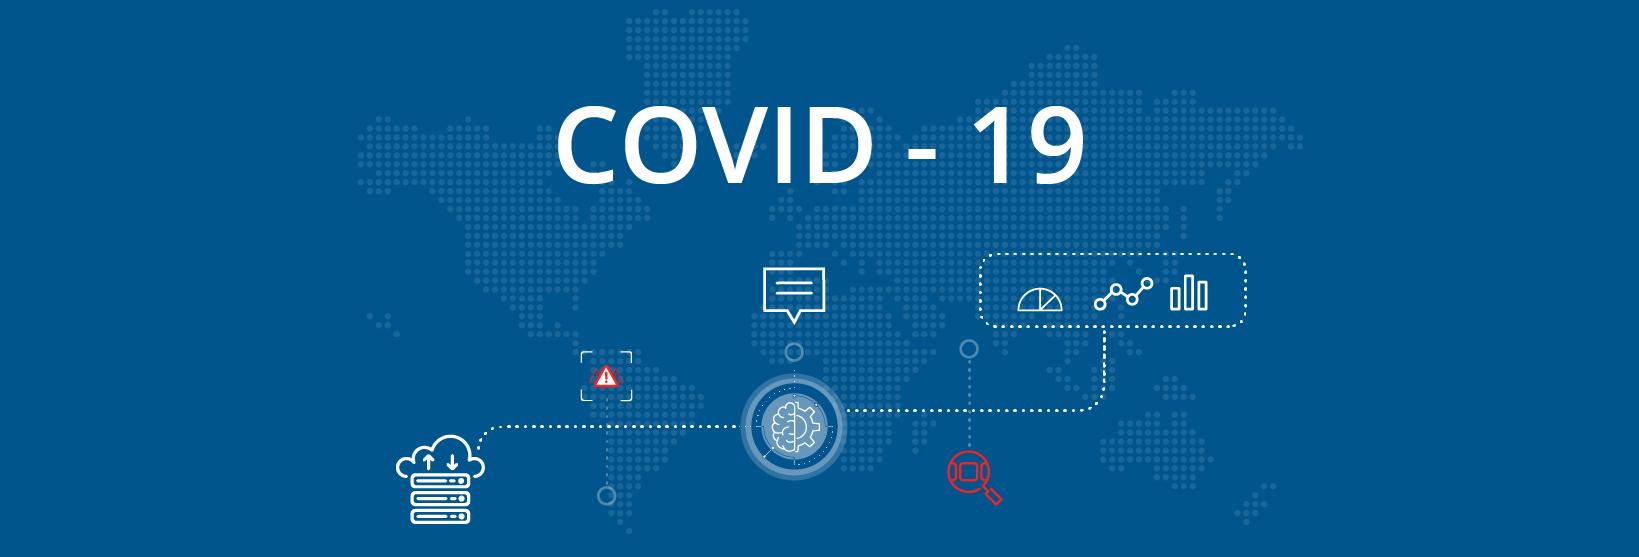 COVID-19中のOpsRampコミットメント